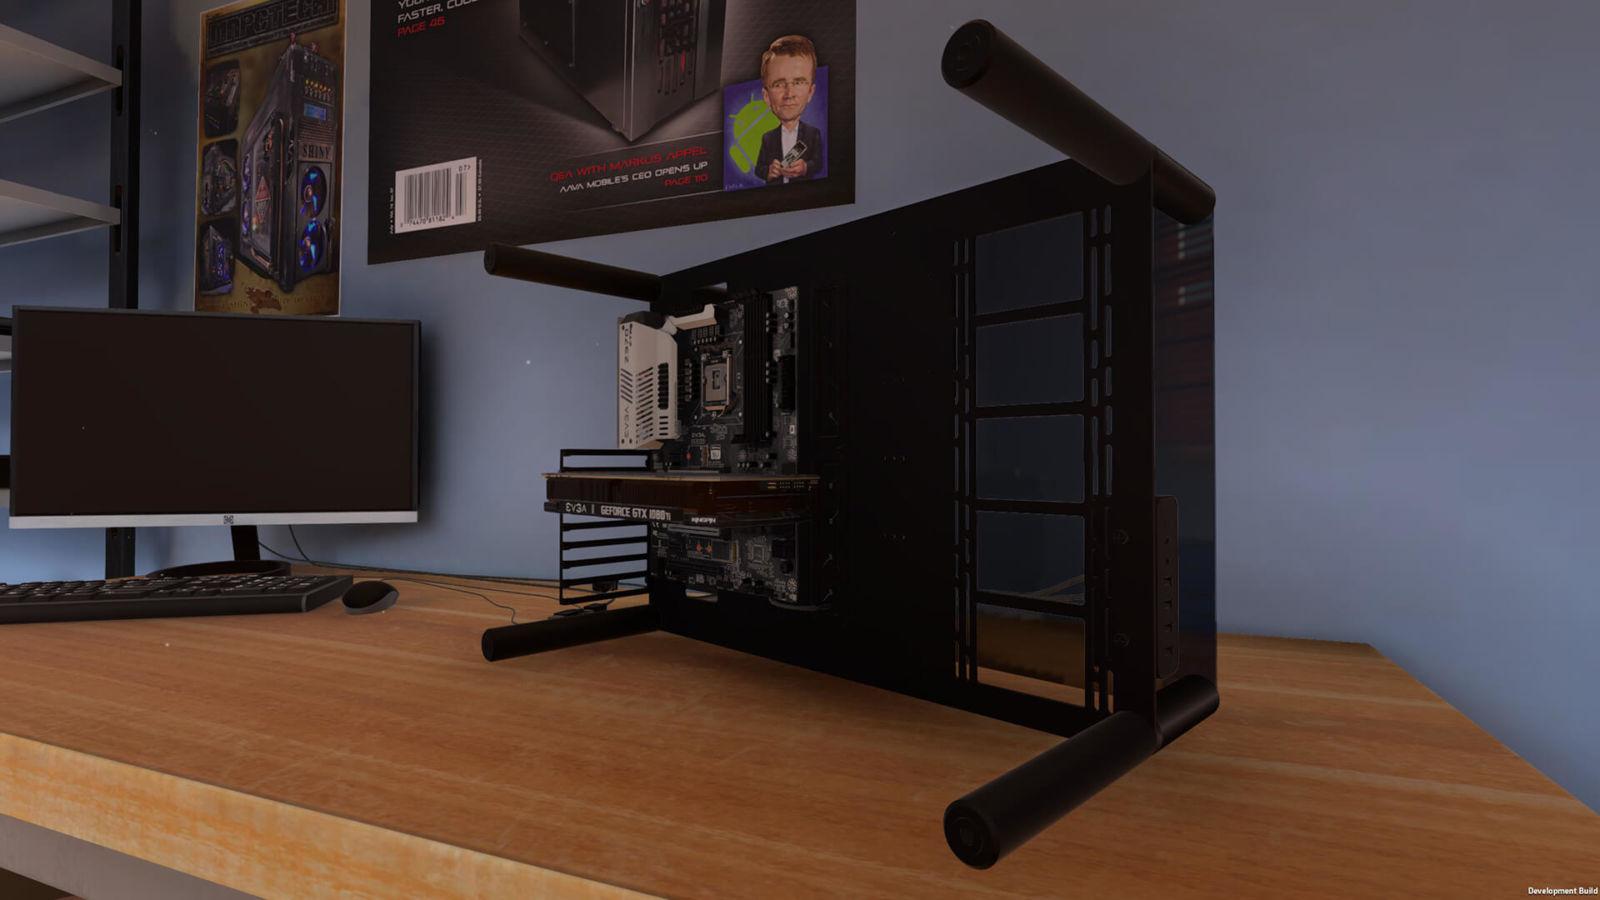 Egal, ob Case-Modder oder Casual Gamer. Mit dem PC Building Simulator hast du das perfekte Game, um deinen PC von allen Seiten zu betrachten. (The Irregular Corporation )